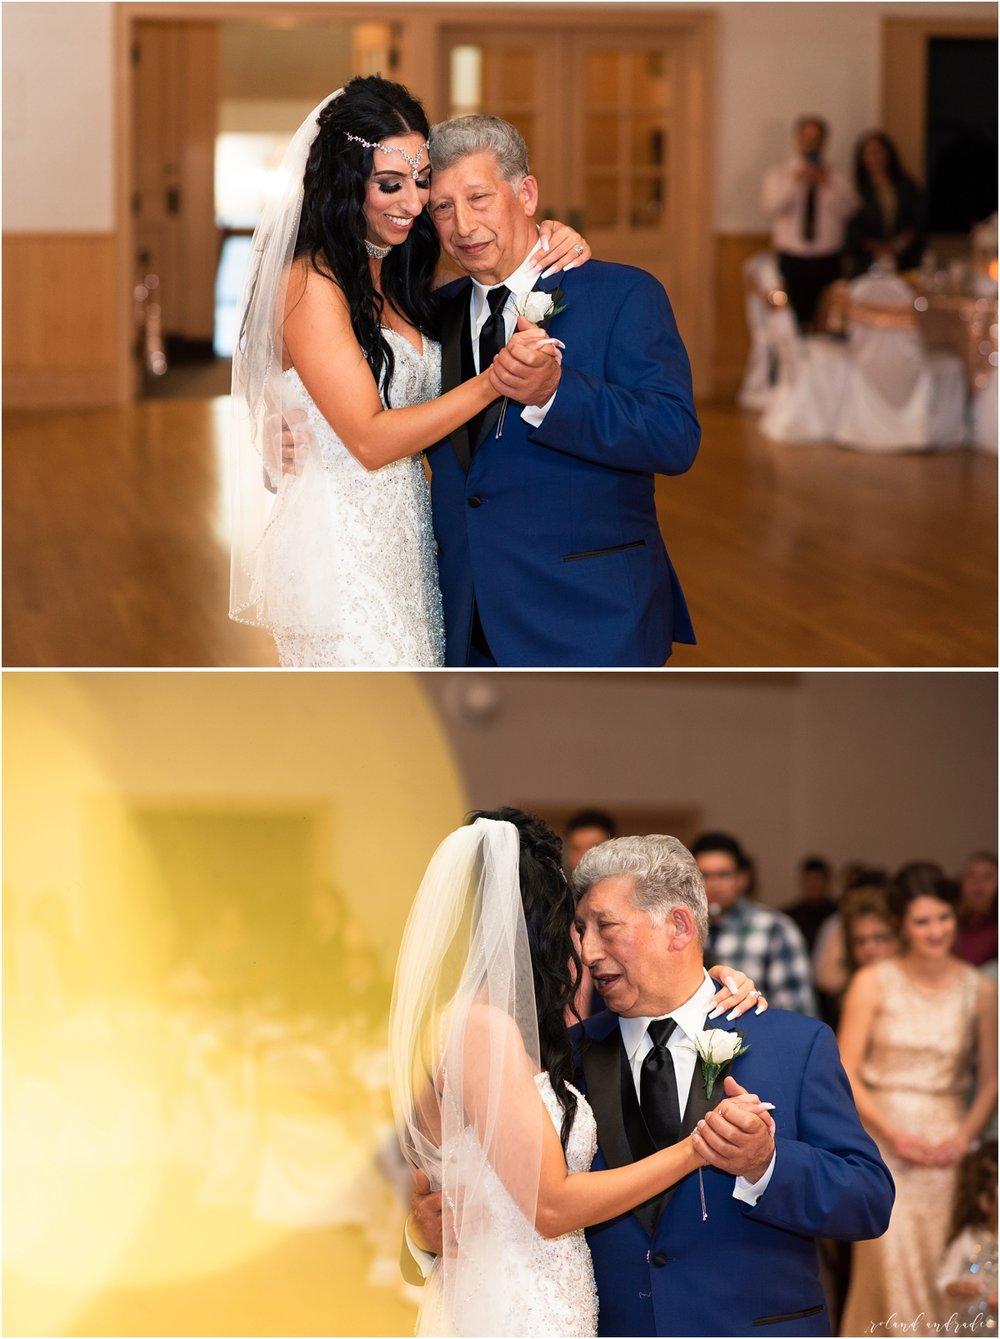 Italian American Society Wedding in Kenosha Wisconsin, Kenosha Wisconsin Wedding Photographer, Chicago Wedding Photography Kenosha Mexican Italian Wedding_0064.jpg